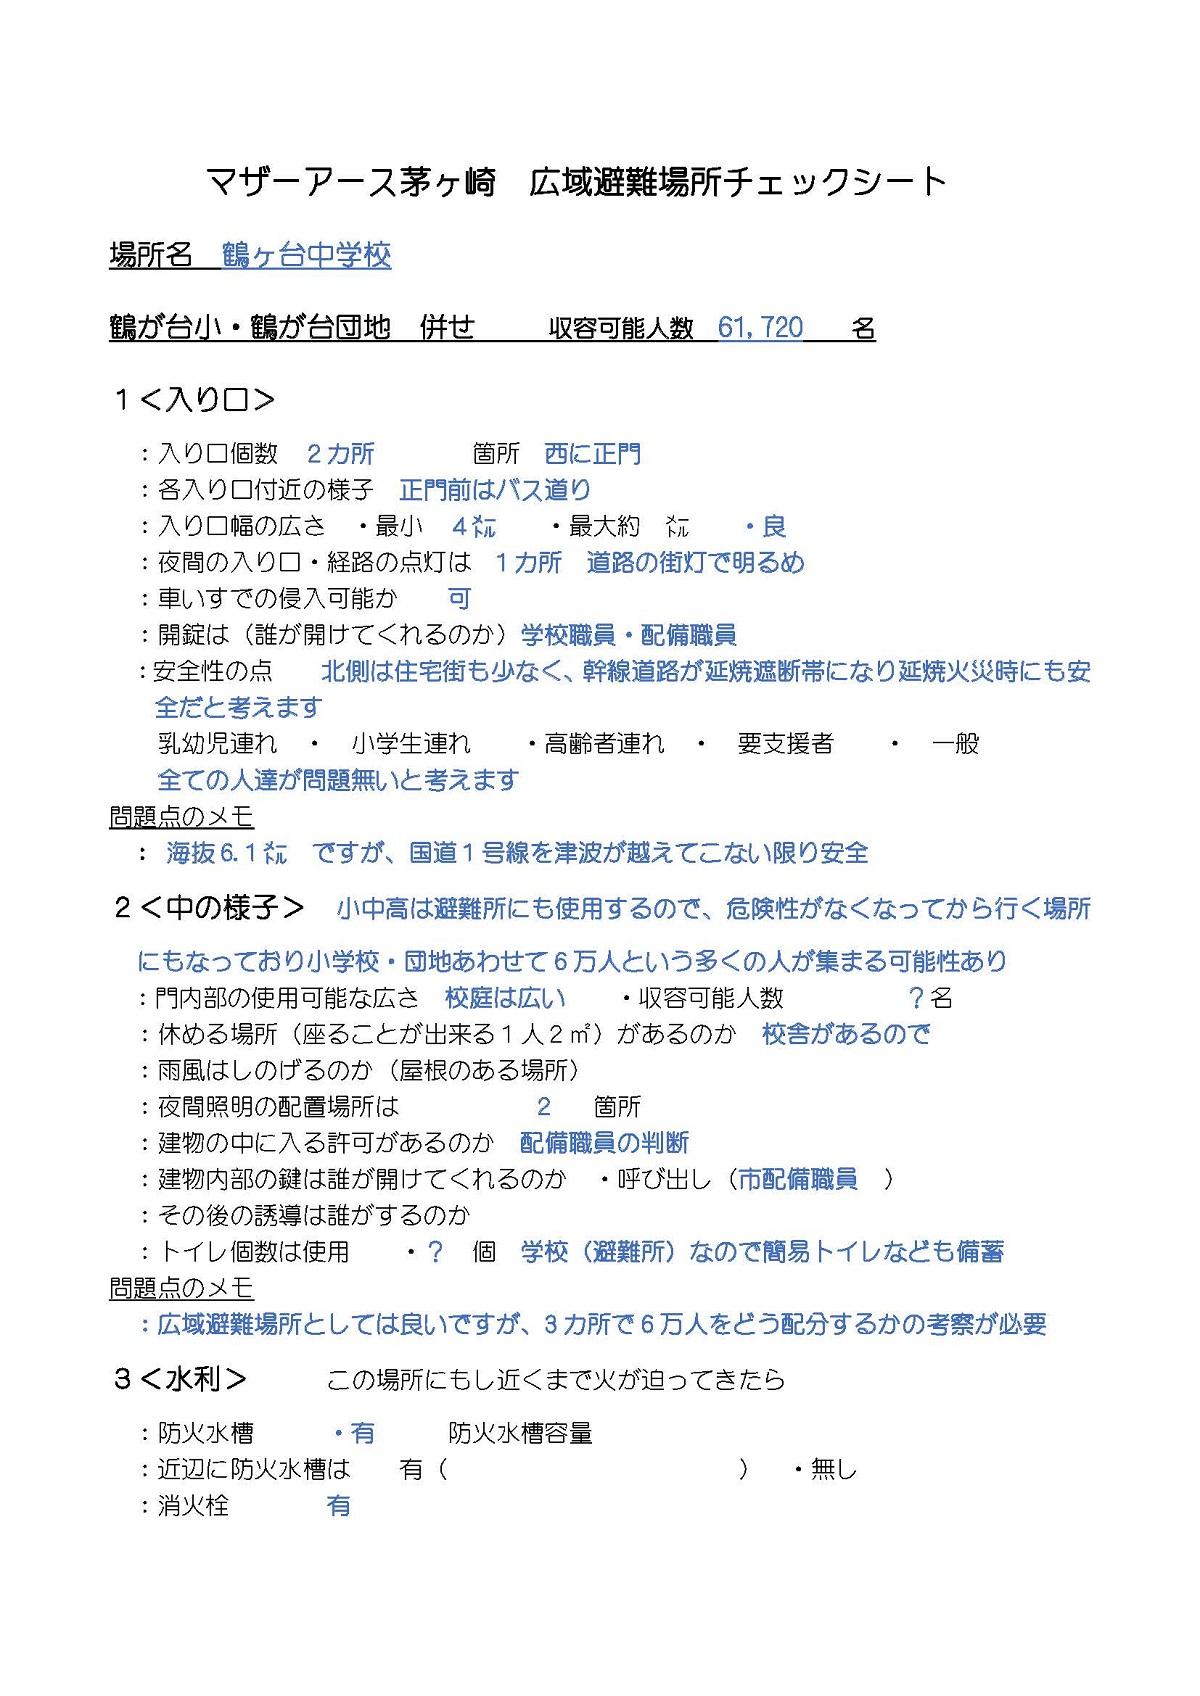 102新ー鶴が台中学校ーマザーアース広域避難場所チェックシート_ページ_1